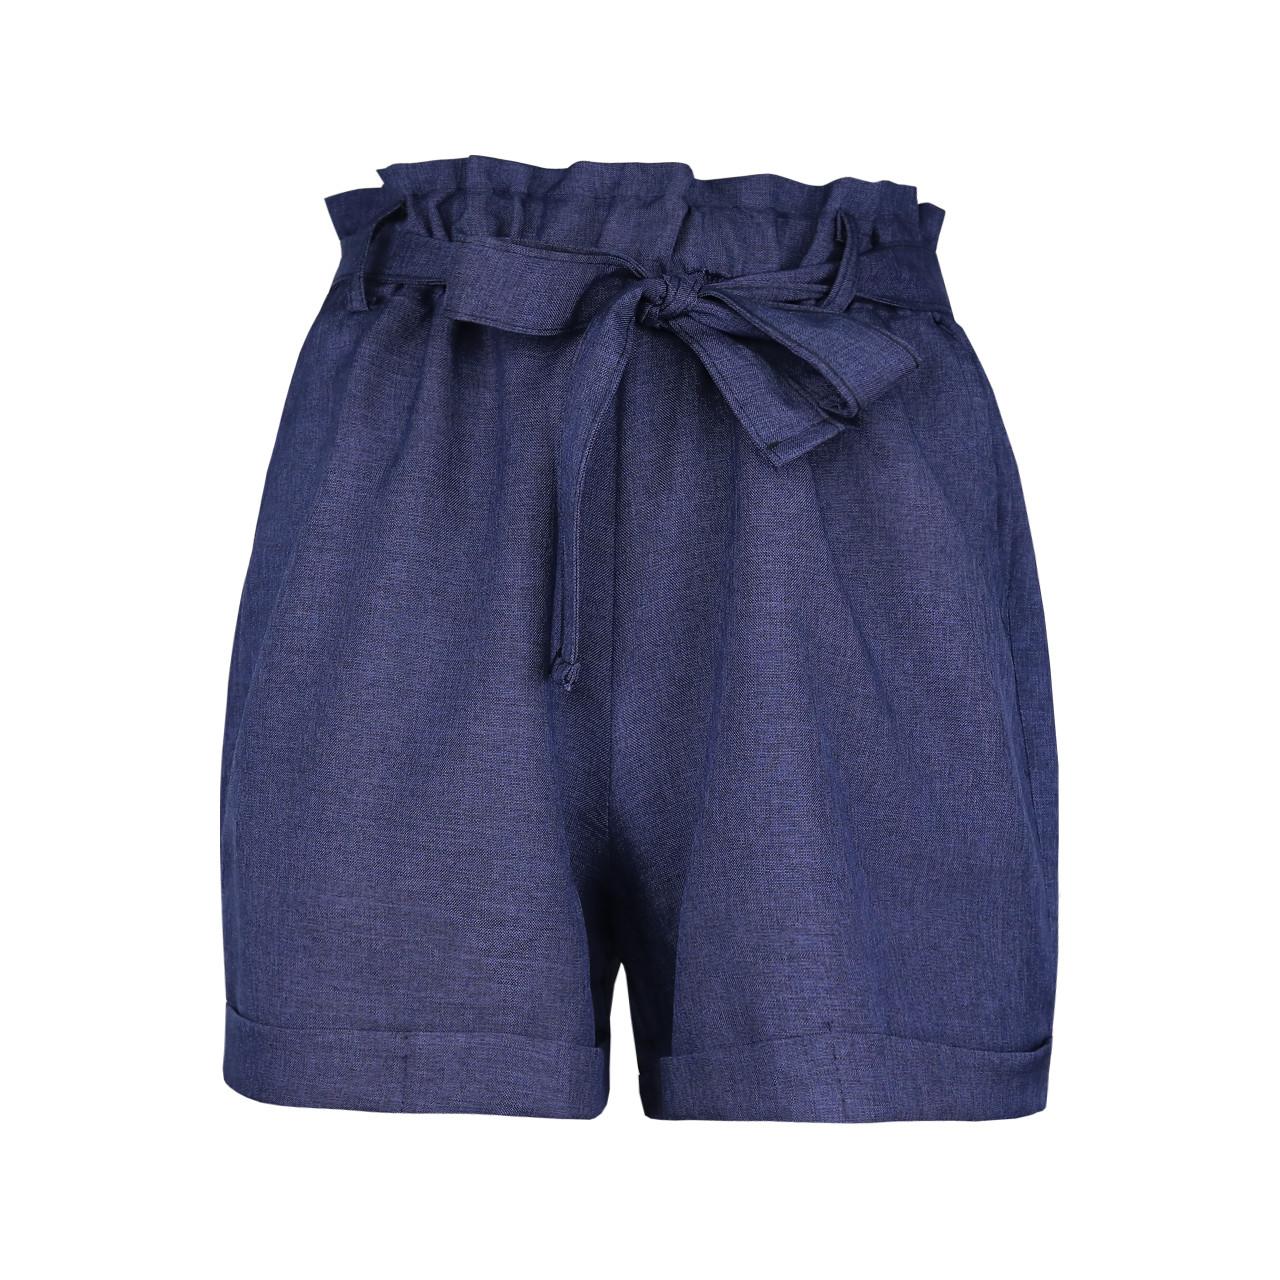 Шорти жіночі літні легкі сині однотонні M, L, XL бавовна